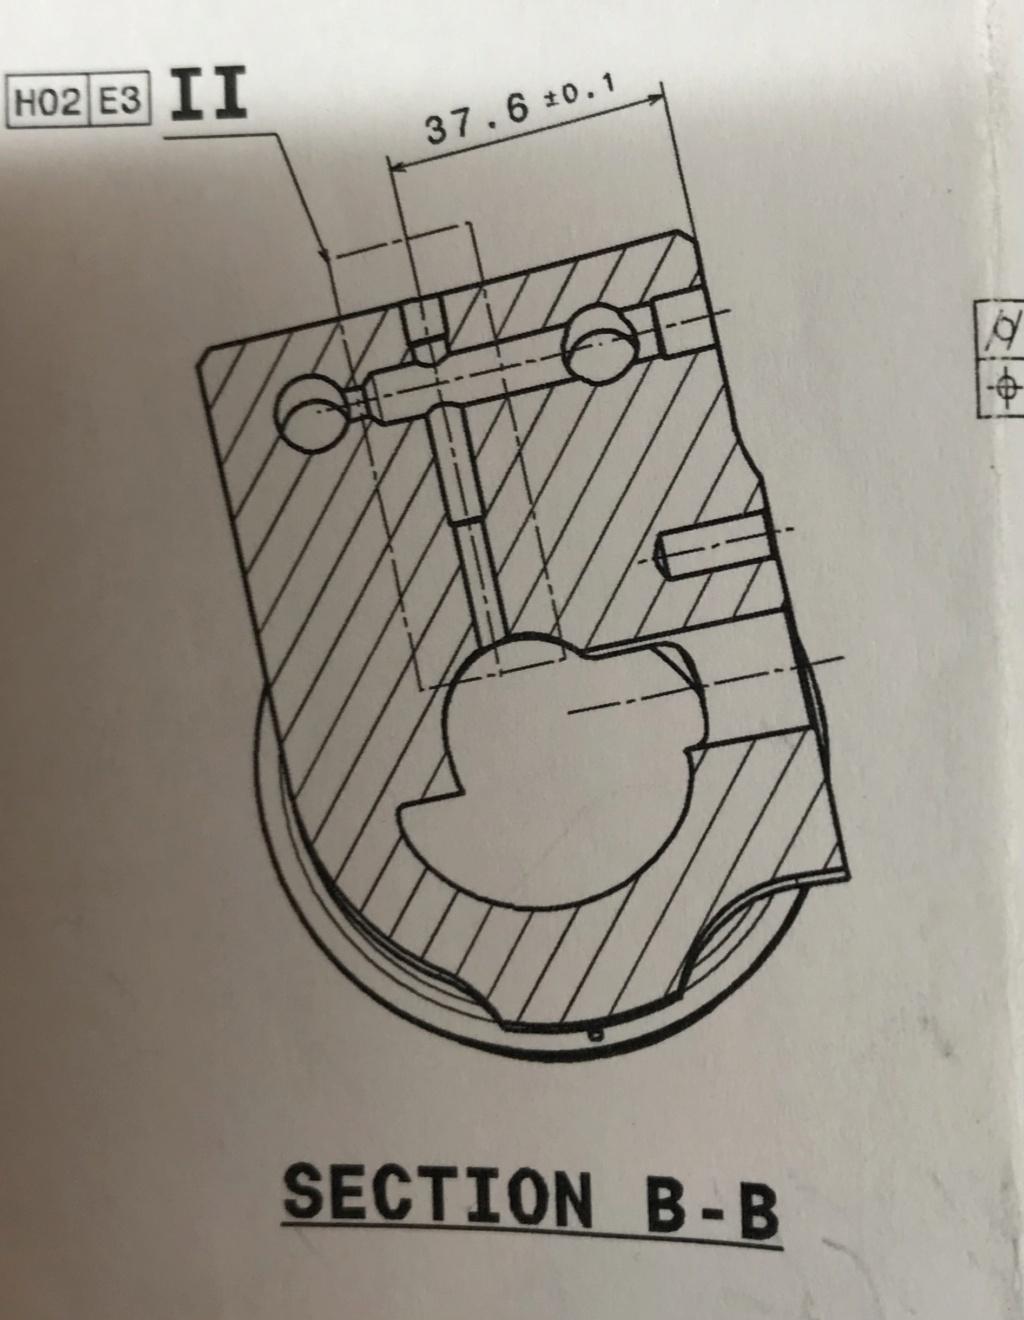 Cosas con cara: el idio-tópic. - Página 20 F8e50210